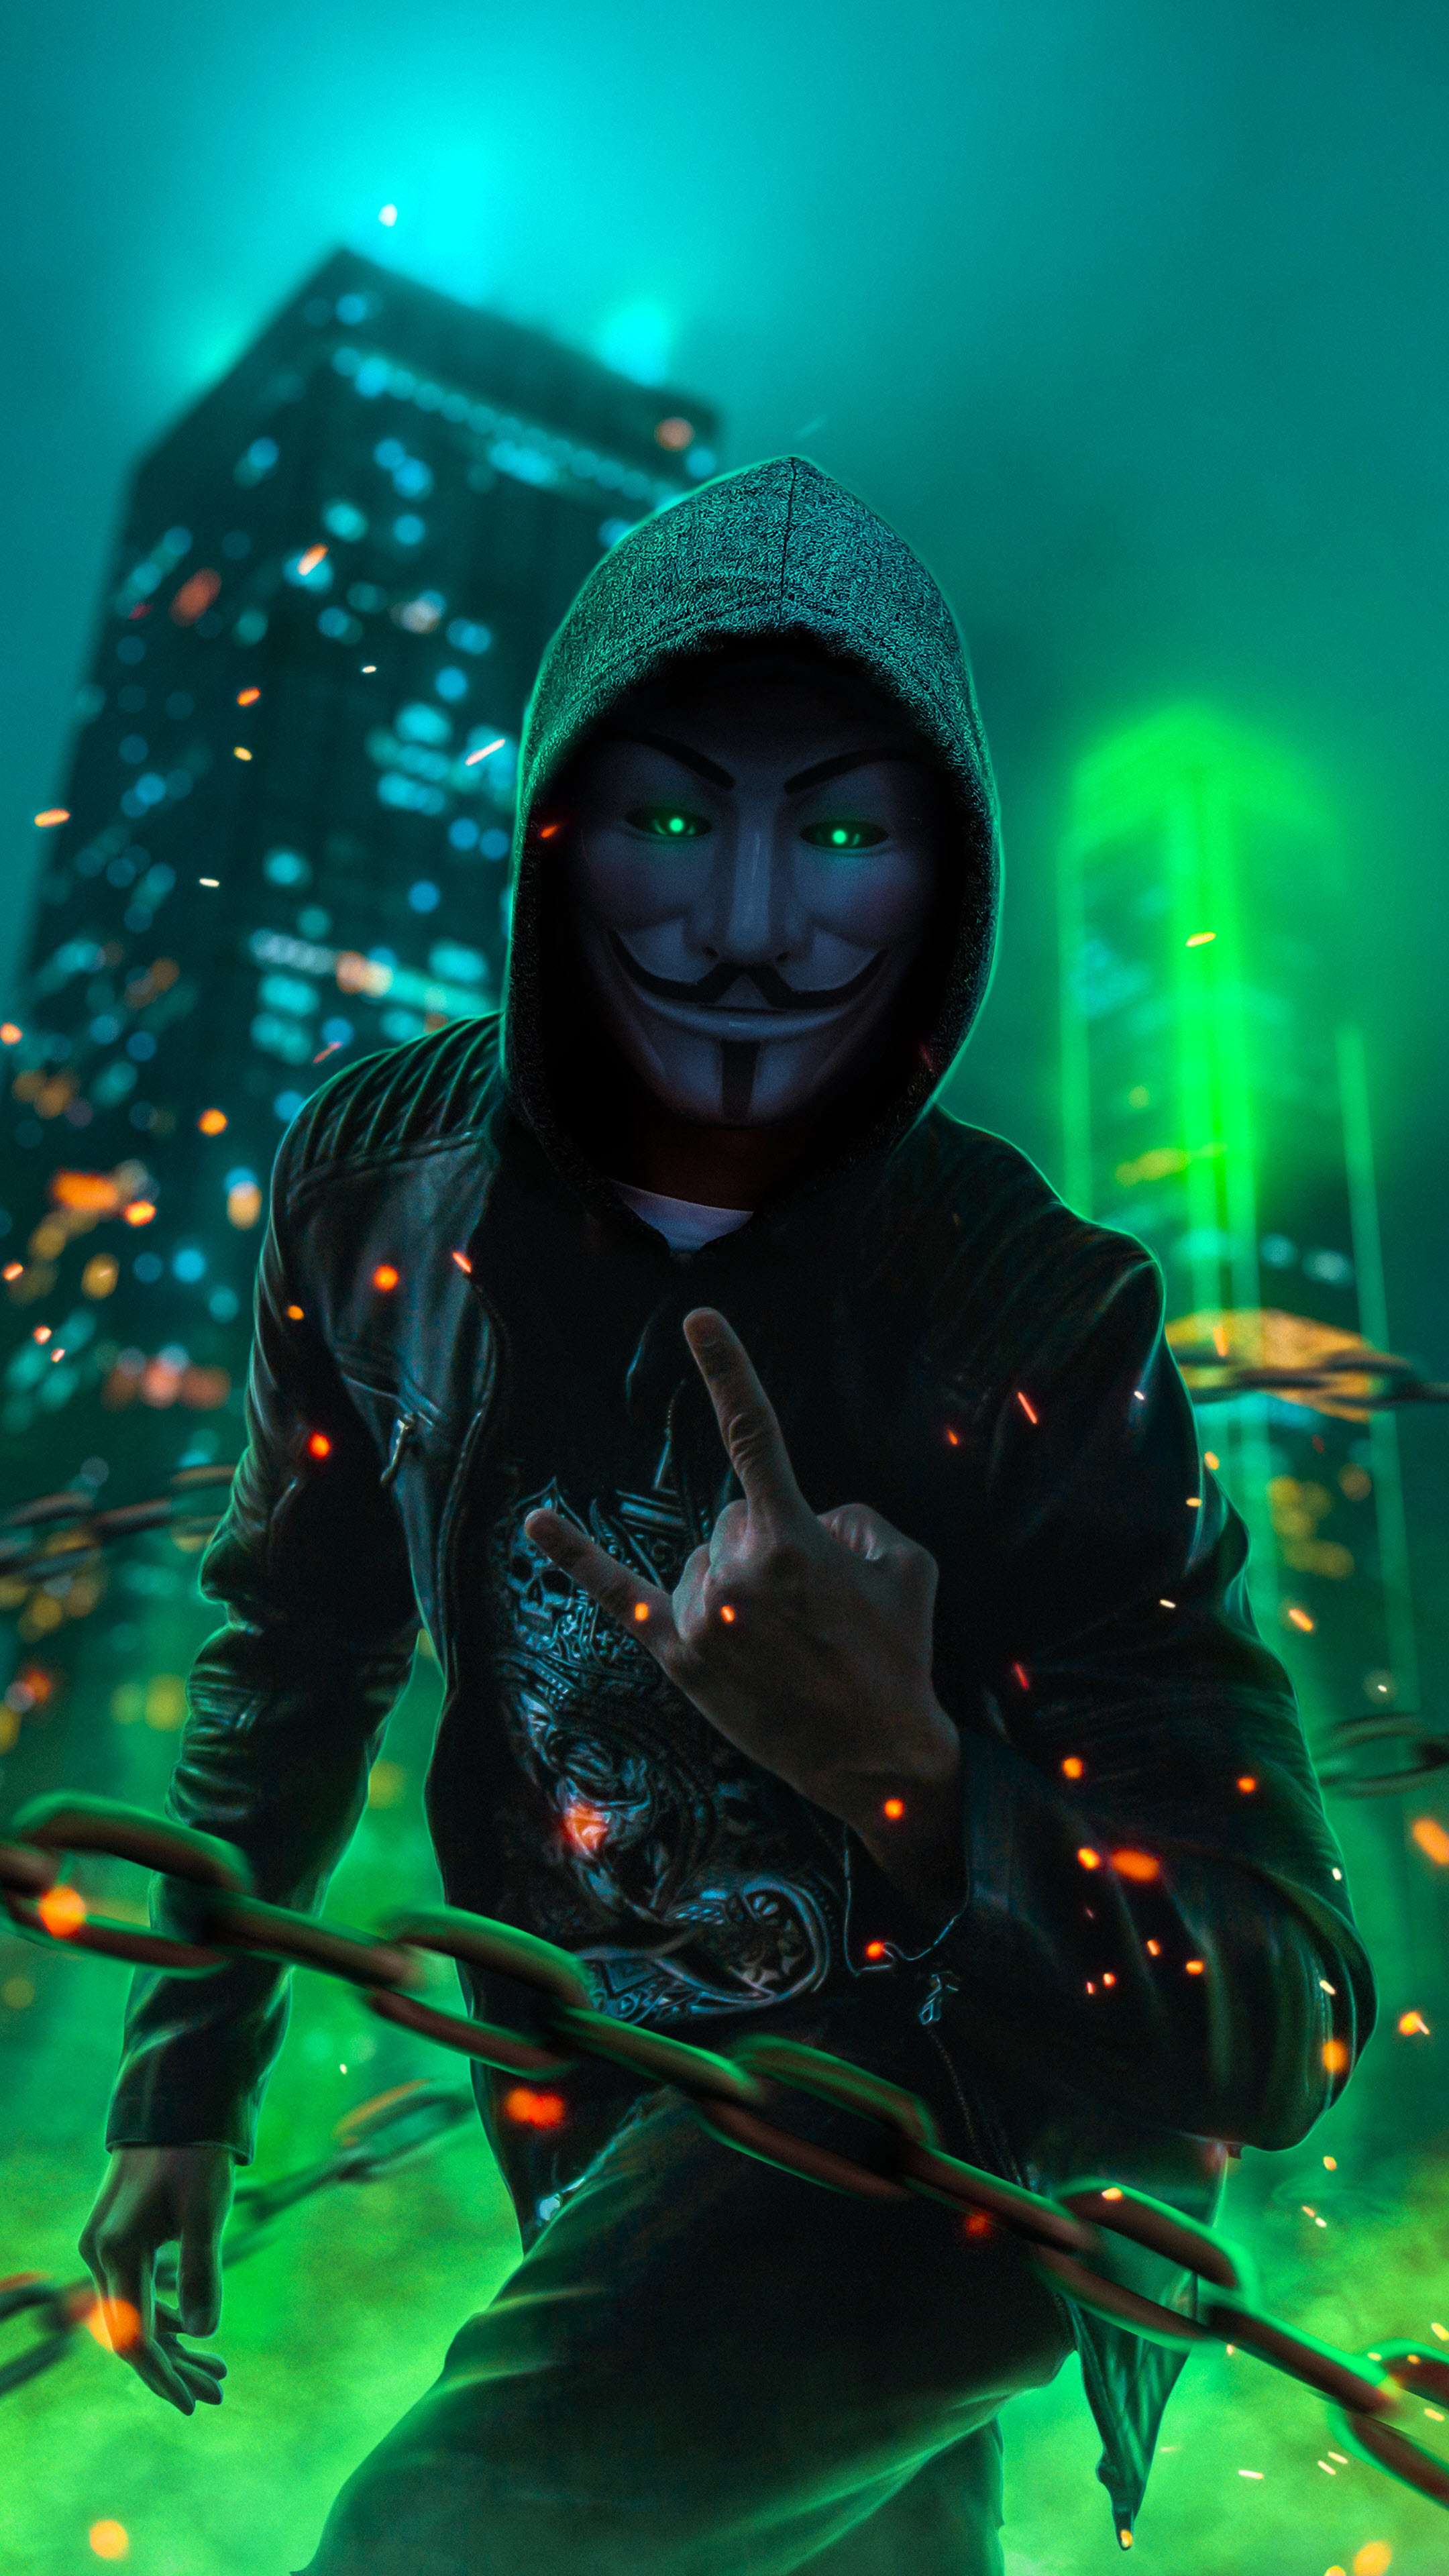 Hình nền điện thoại 4K hacker